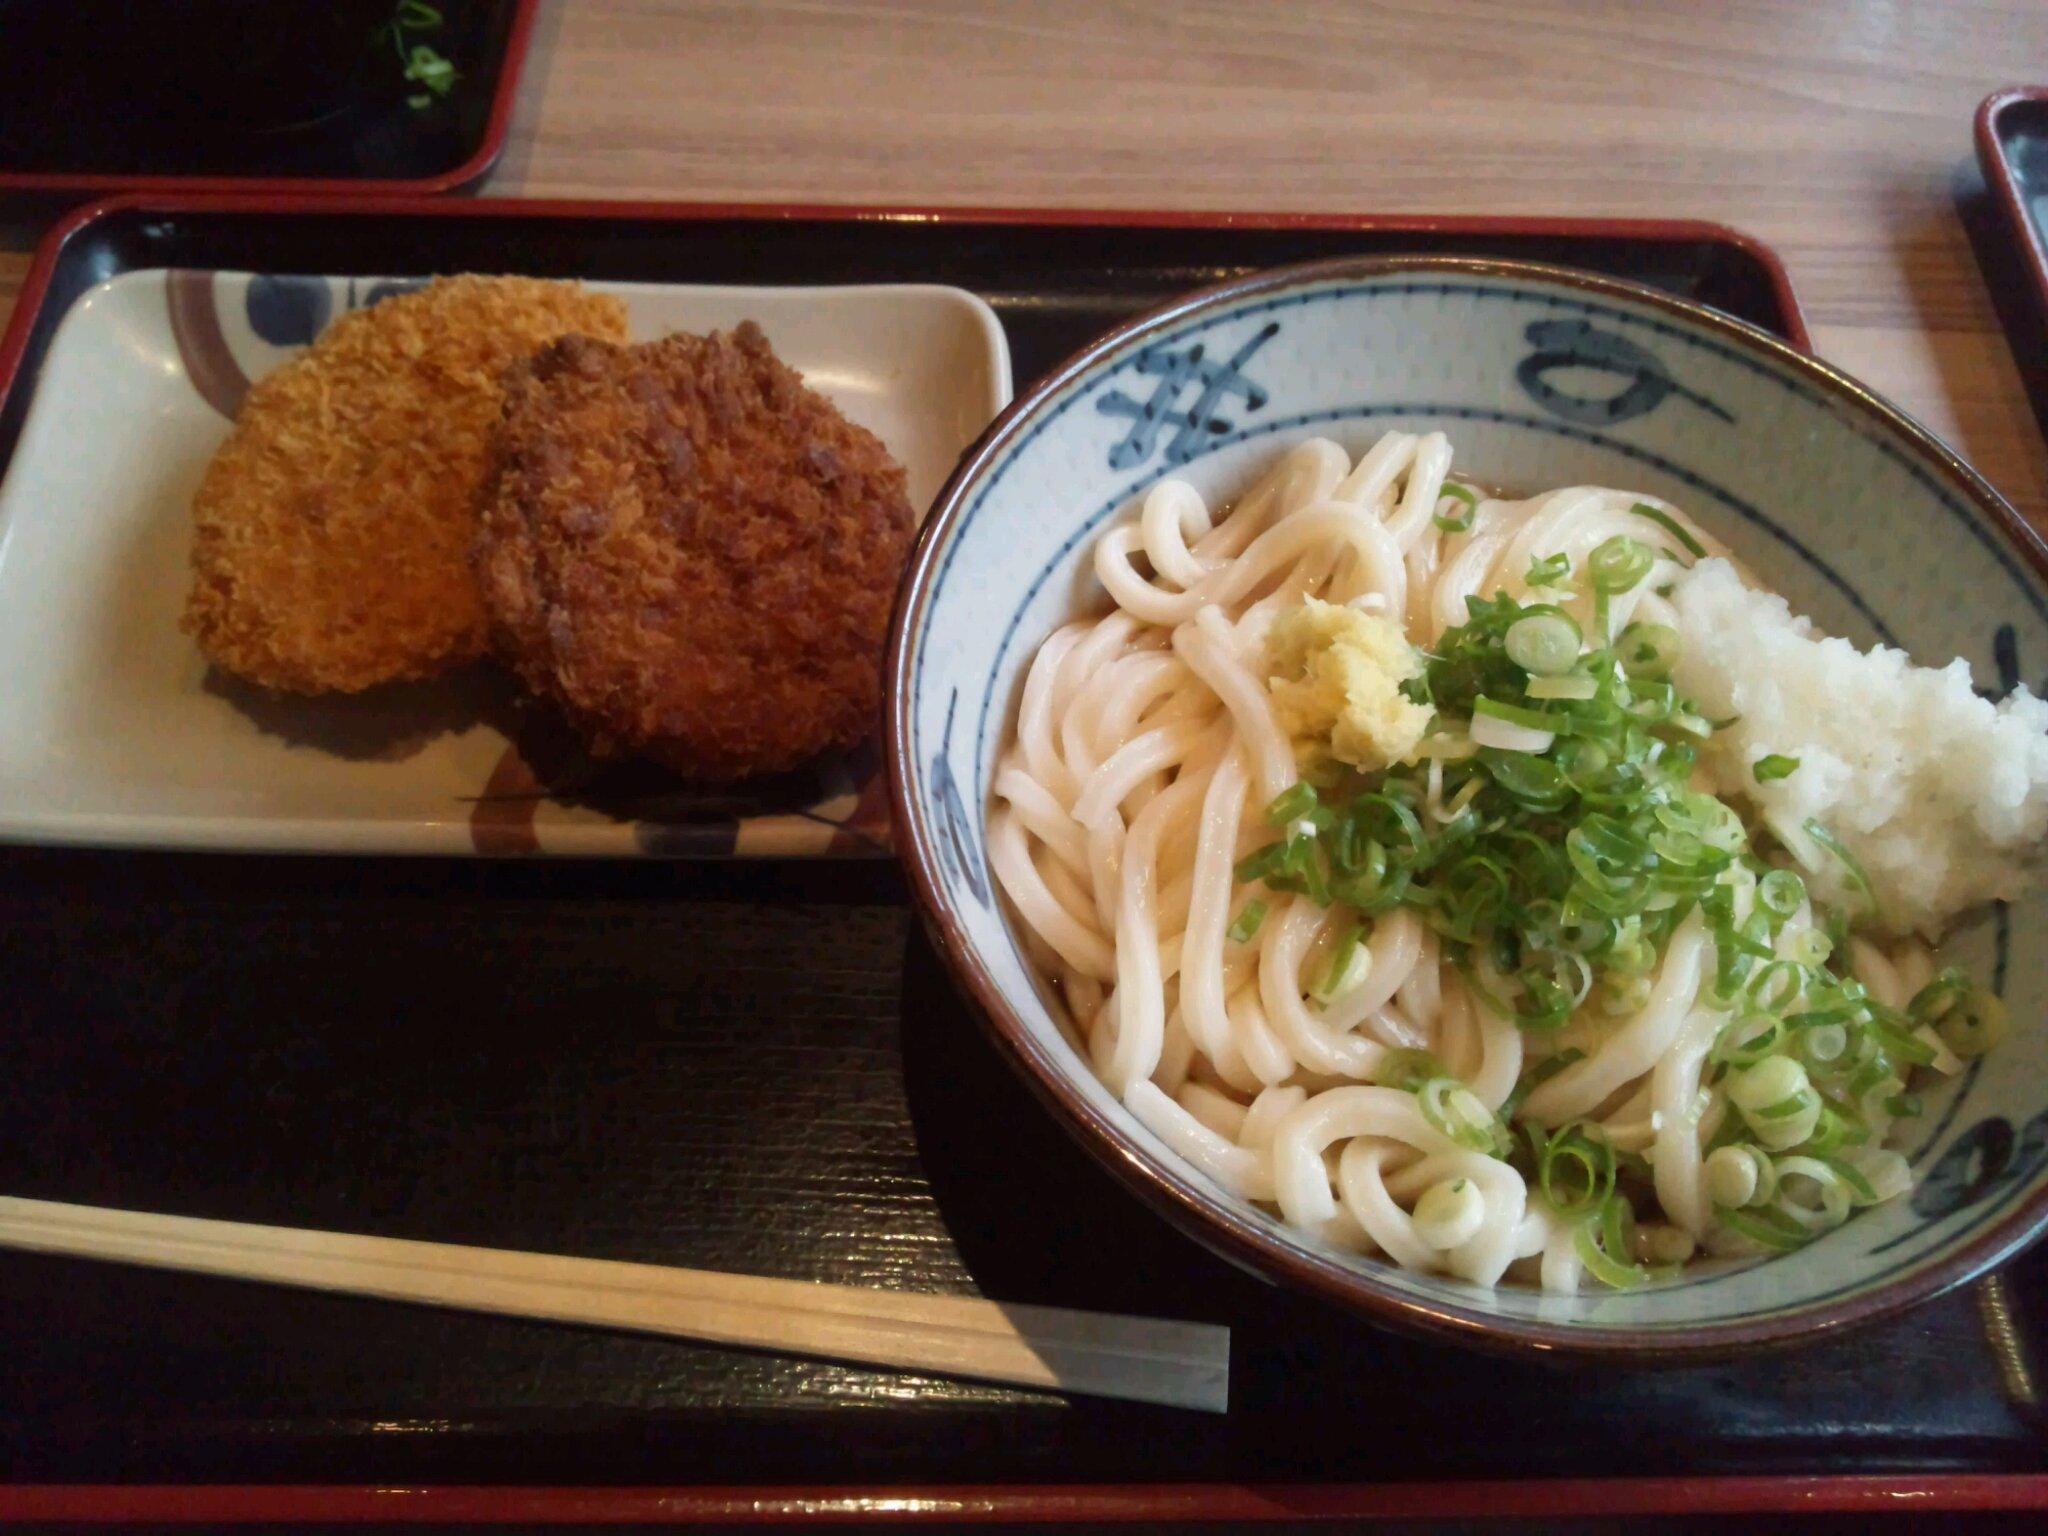 イワサキ高松店近隣ランチ情報 : さぬき麺市場 高松伏石店_b0163075_8305725.jpg